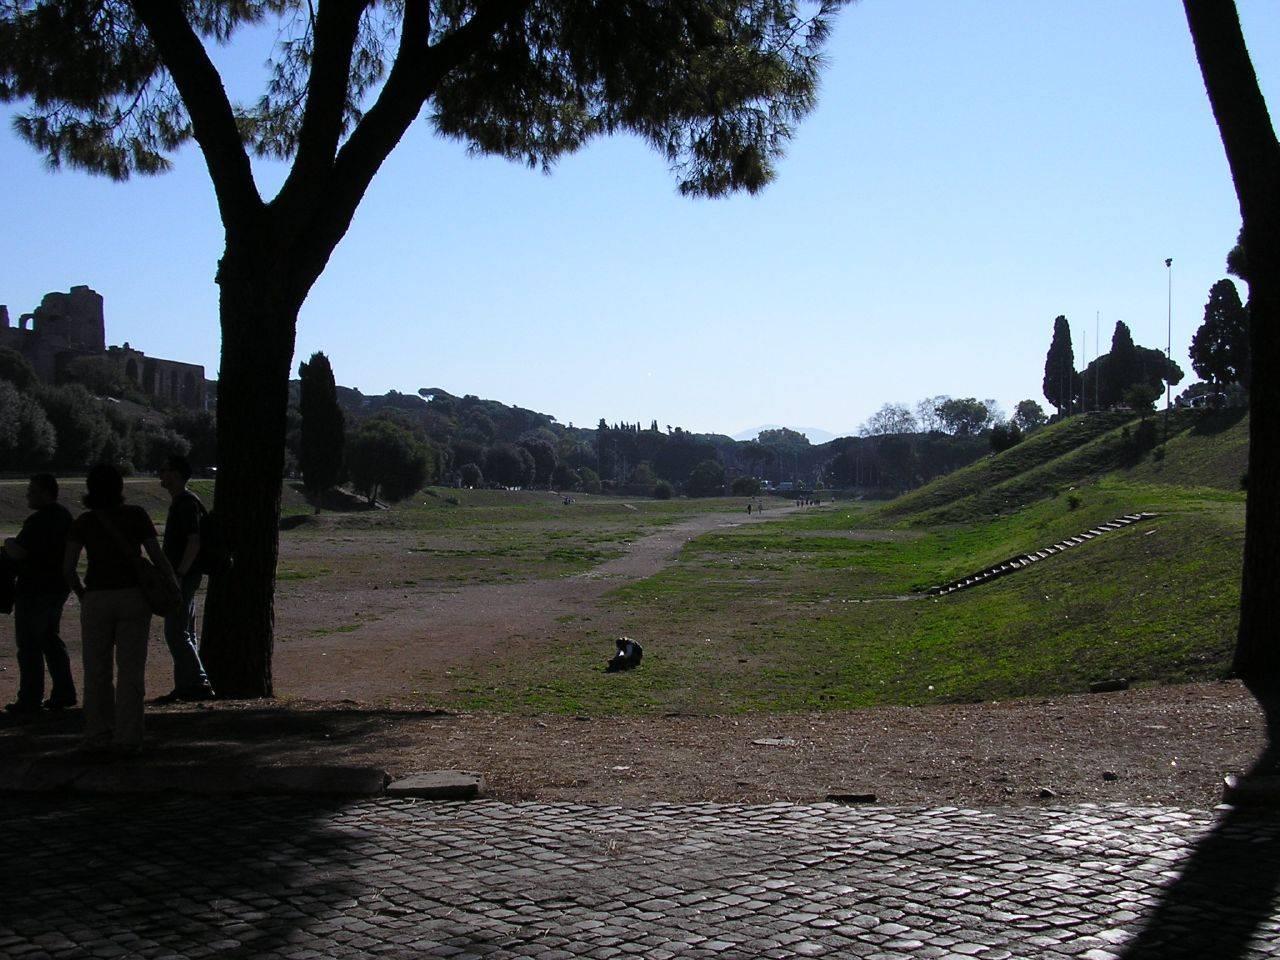 viaje a roma de 5 días: circo maximo